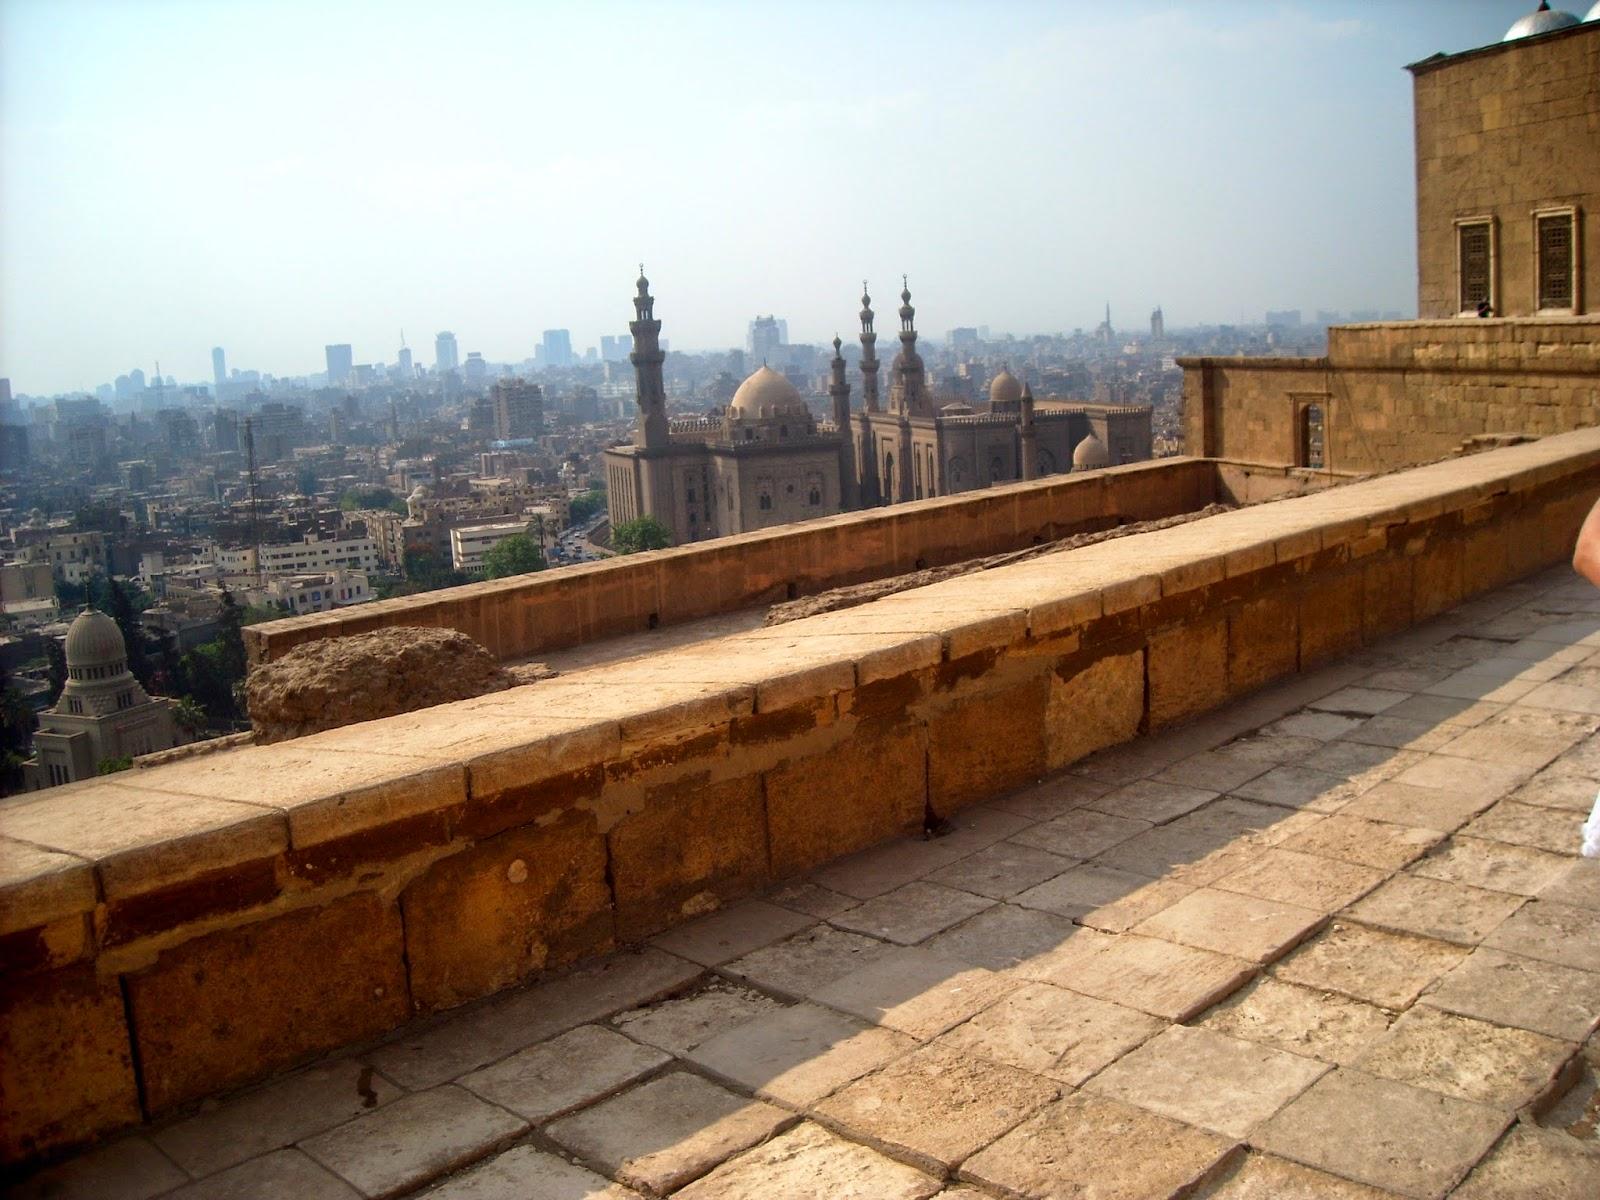 Viaje a Egipto: cuidadela de Saladino. Egypt trip